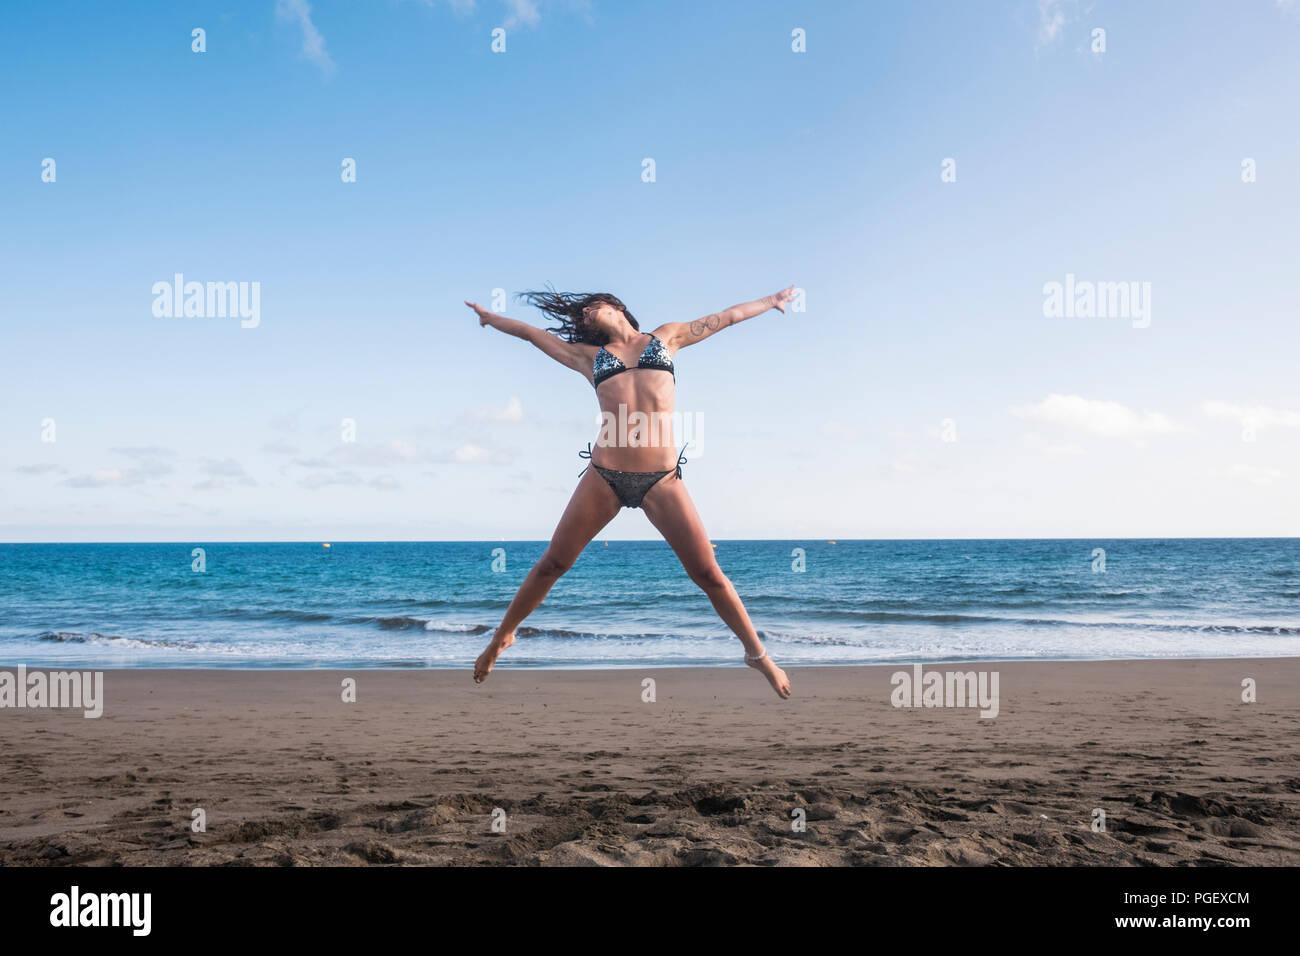 Bel corpo lifestyle fitness giovane donna jump pieno di felicità per la spiaggia vicino la riva e le onde dell'oceano blu. gioioso e divertimento estivo Immagini Stock